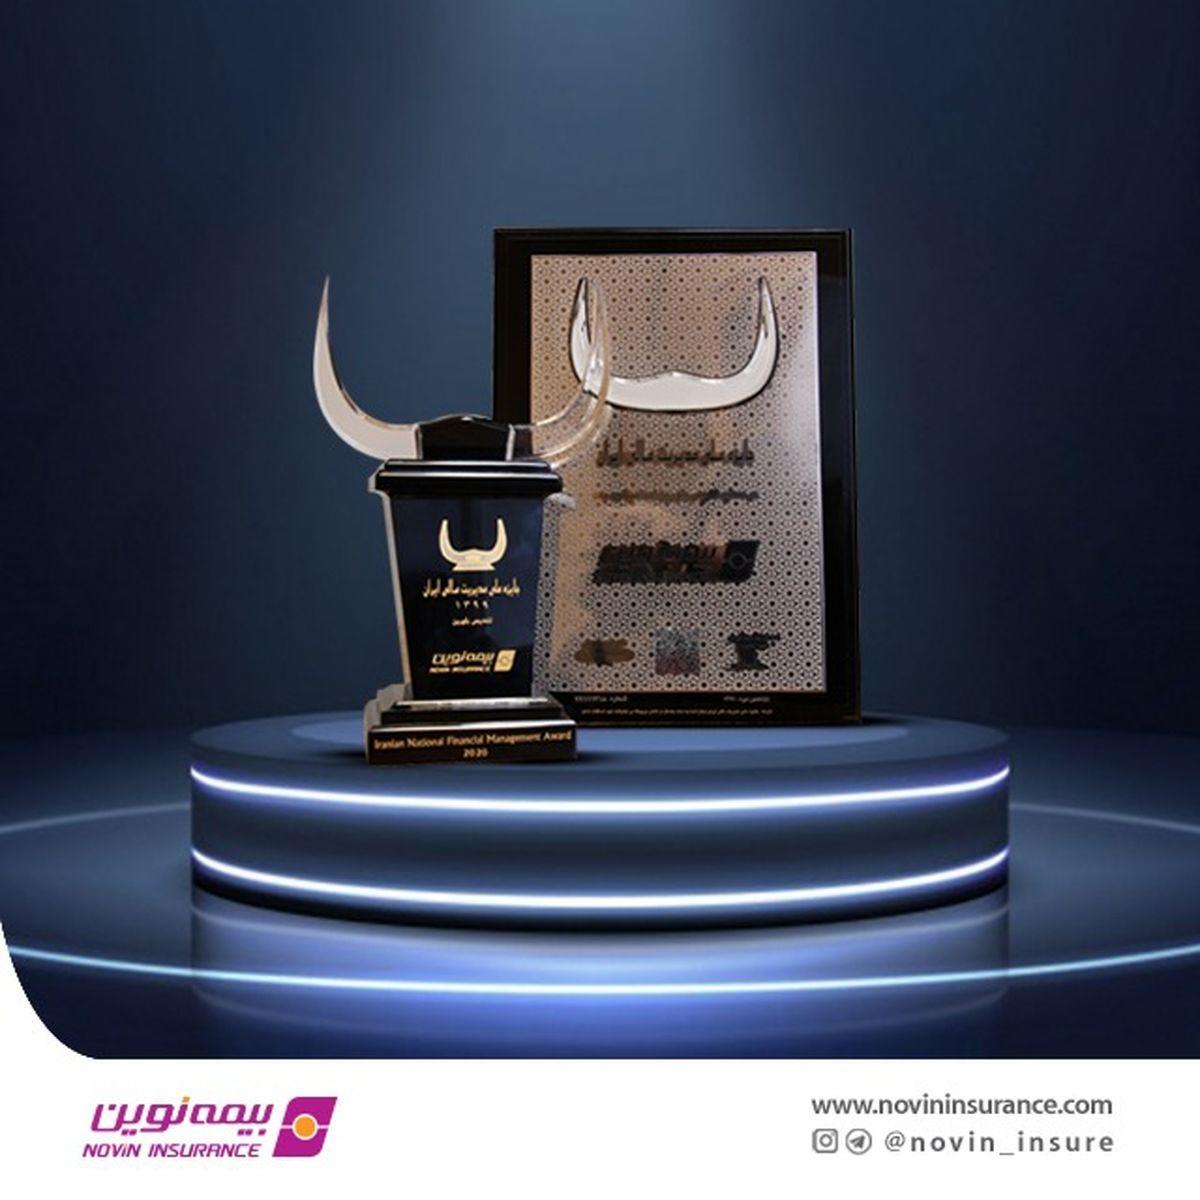 کسب جایزه مدیریت مالی توسط بیمه نوین برای چهارمین سال پیاپی